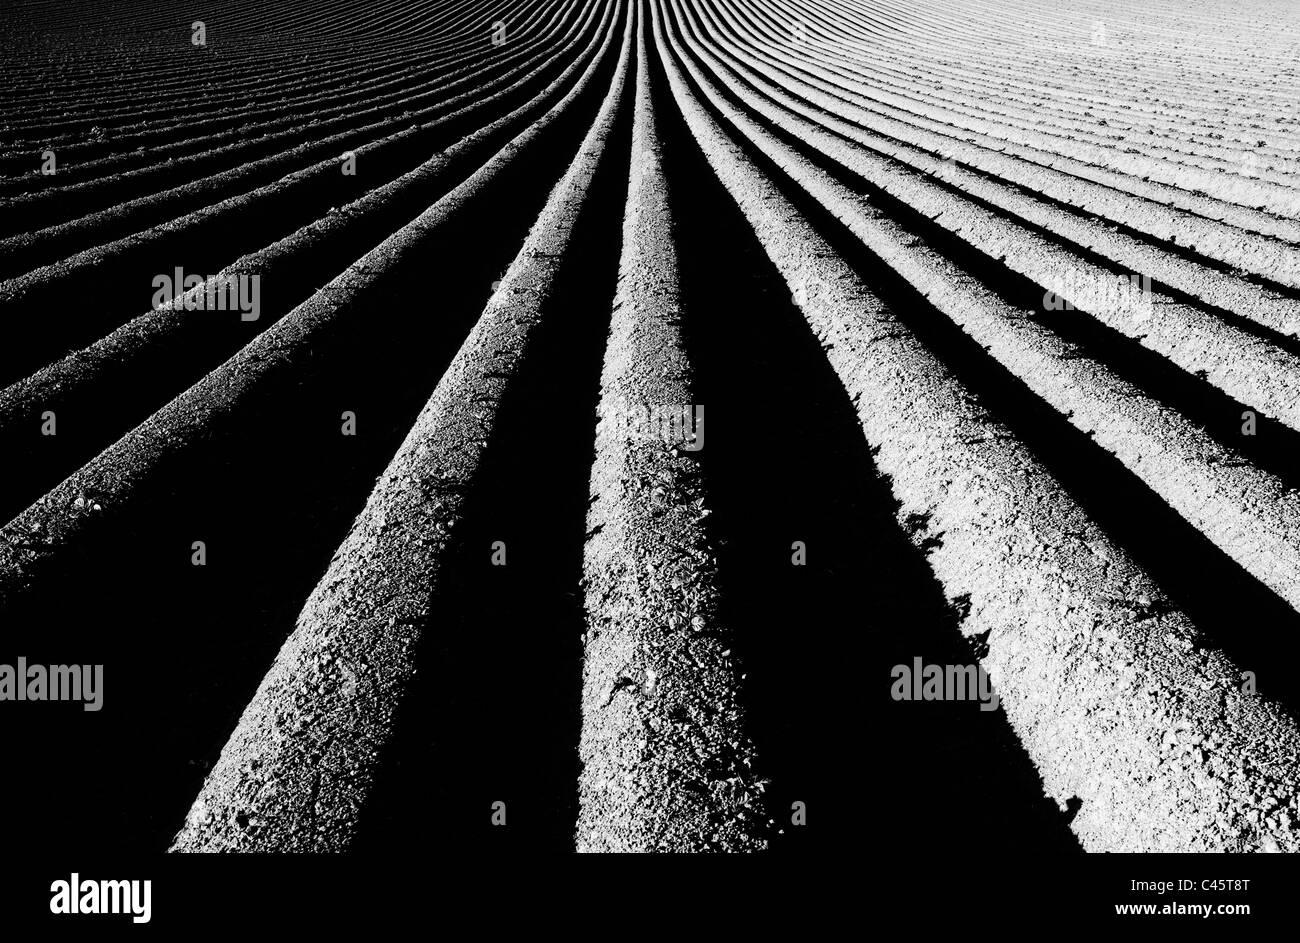 Crestas y surcos de patrón del campo arado. Monocromo Imagen De Stock